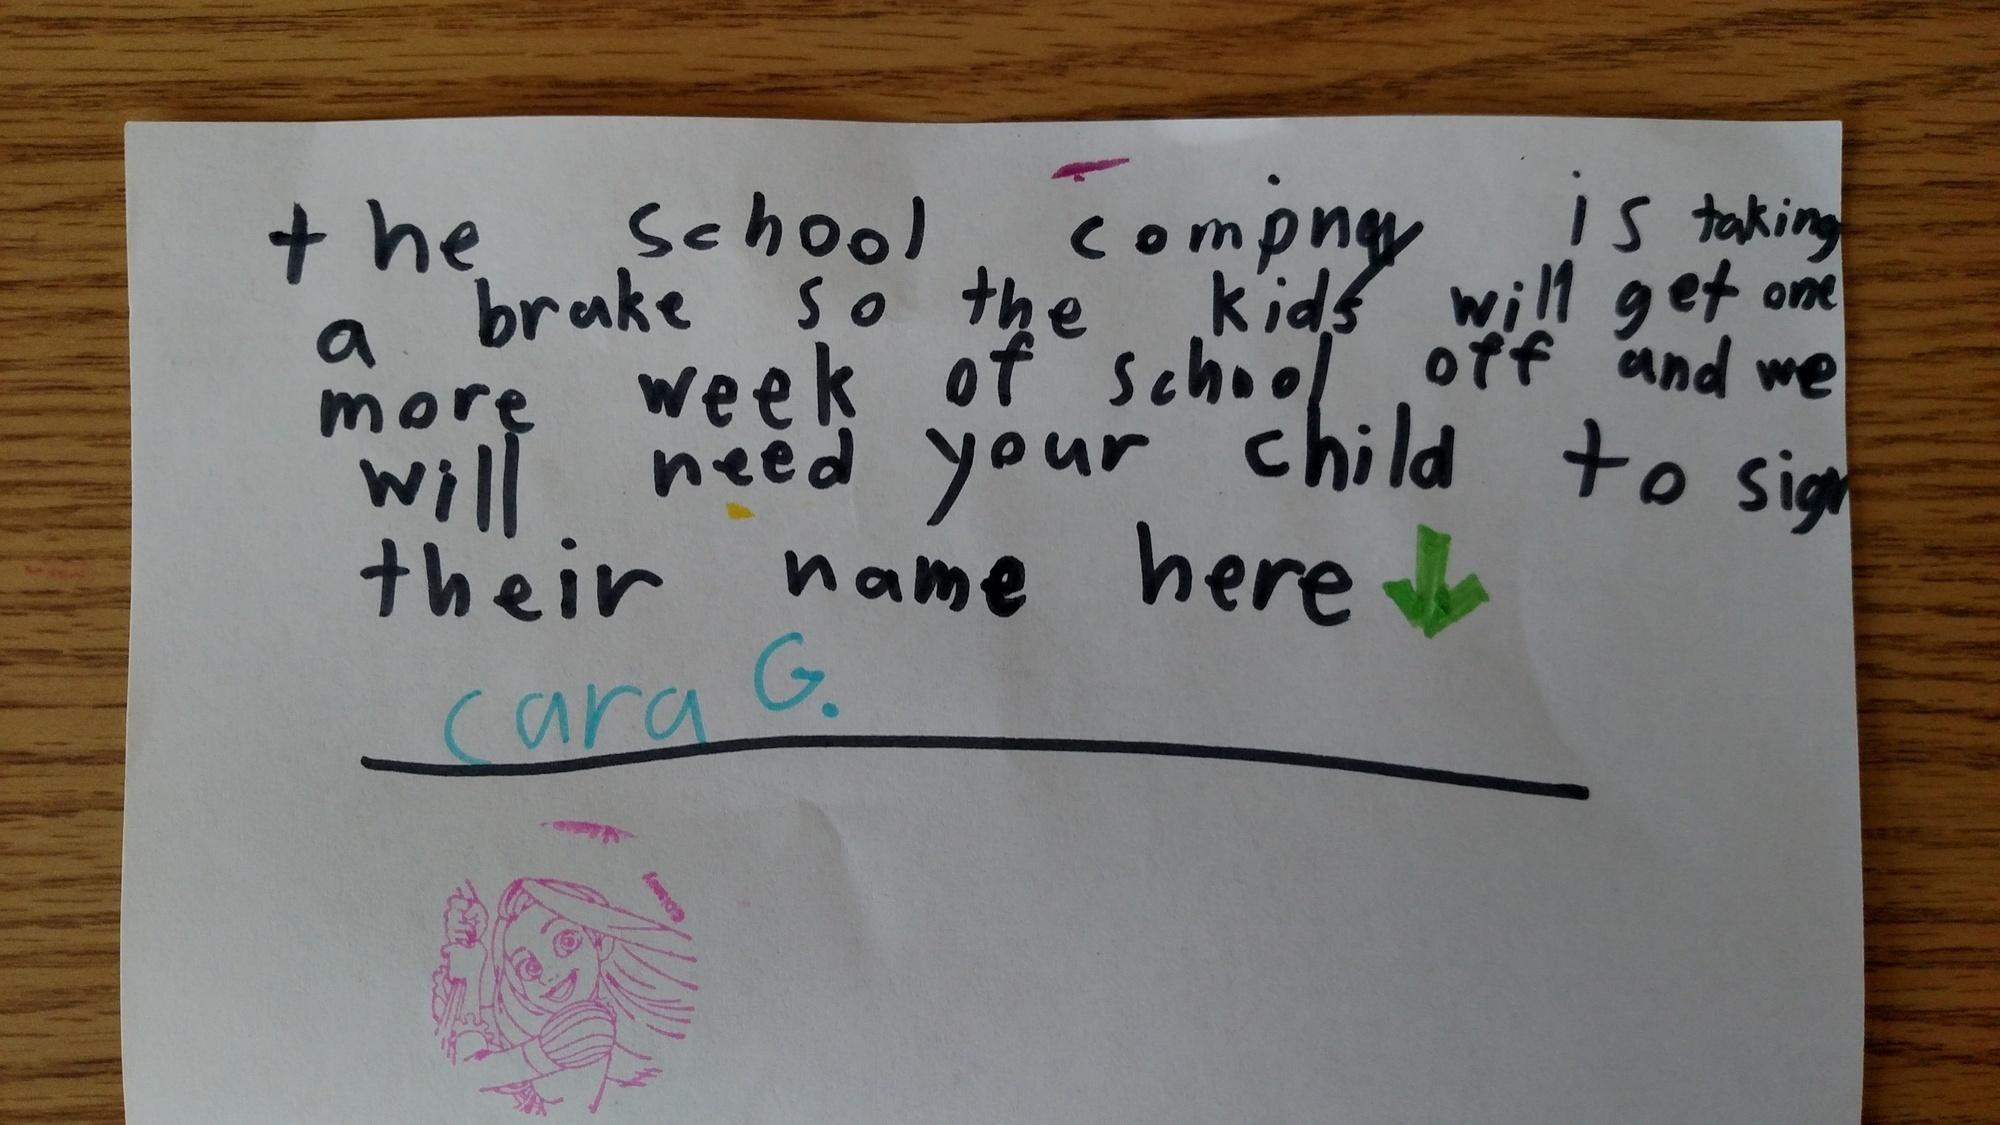 家長在信箱裡收到了一個很詭異「來自學校的信」,一拆開看到小女兒設下的騙局都笑噴了!